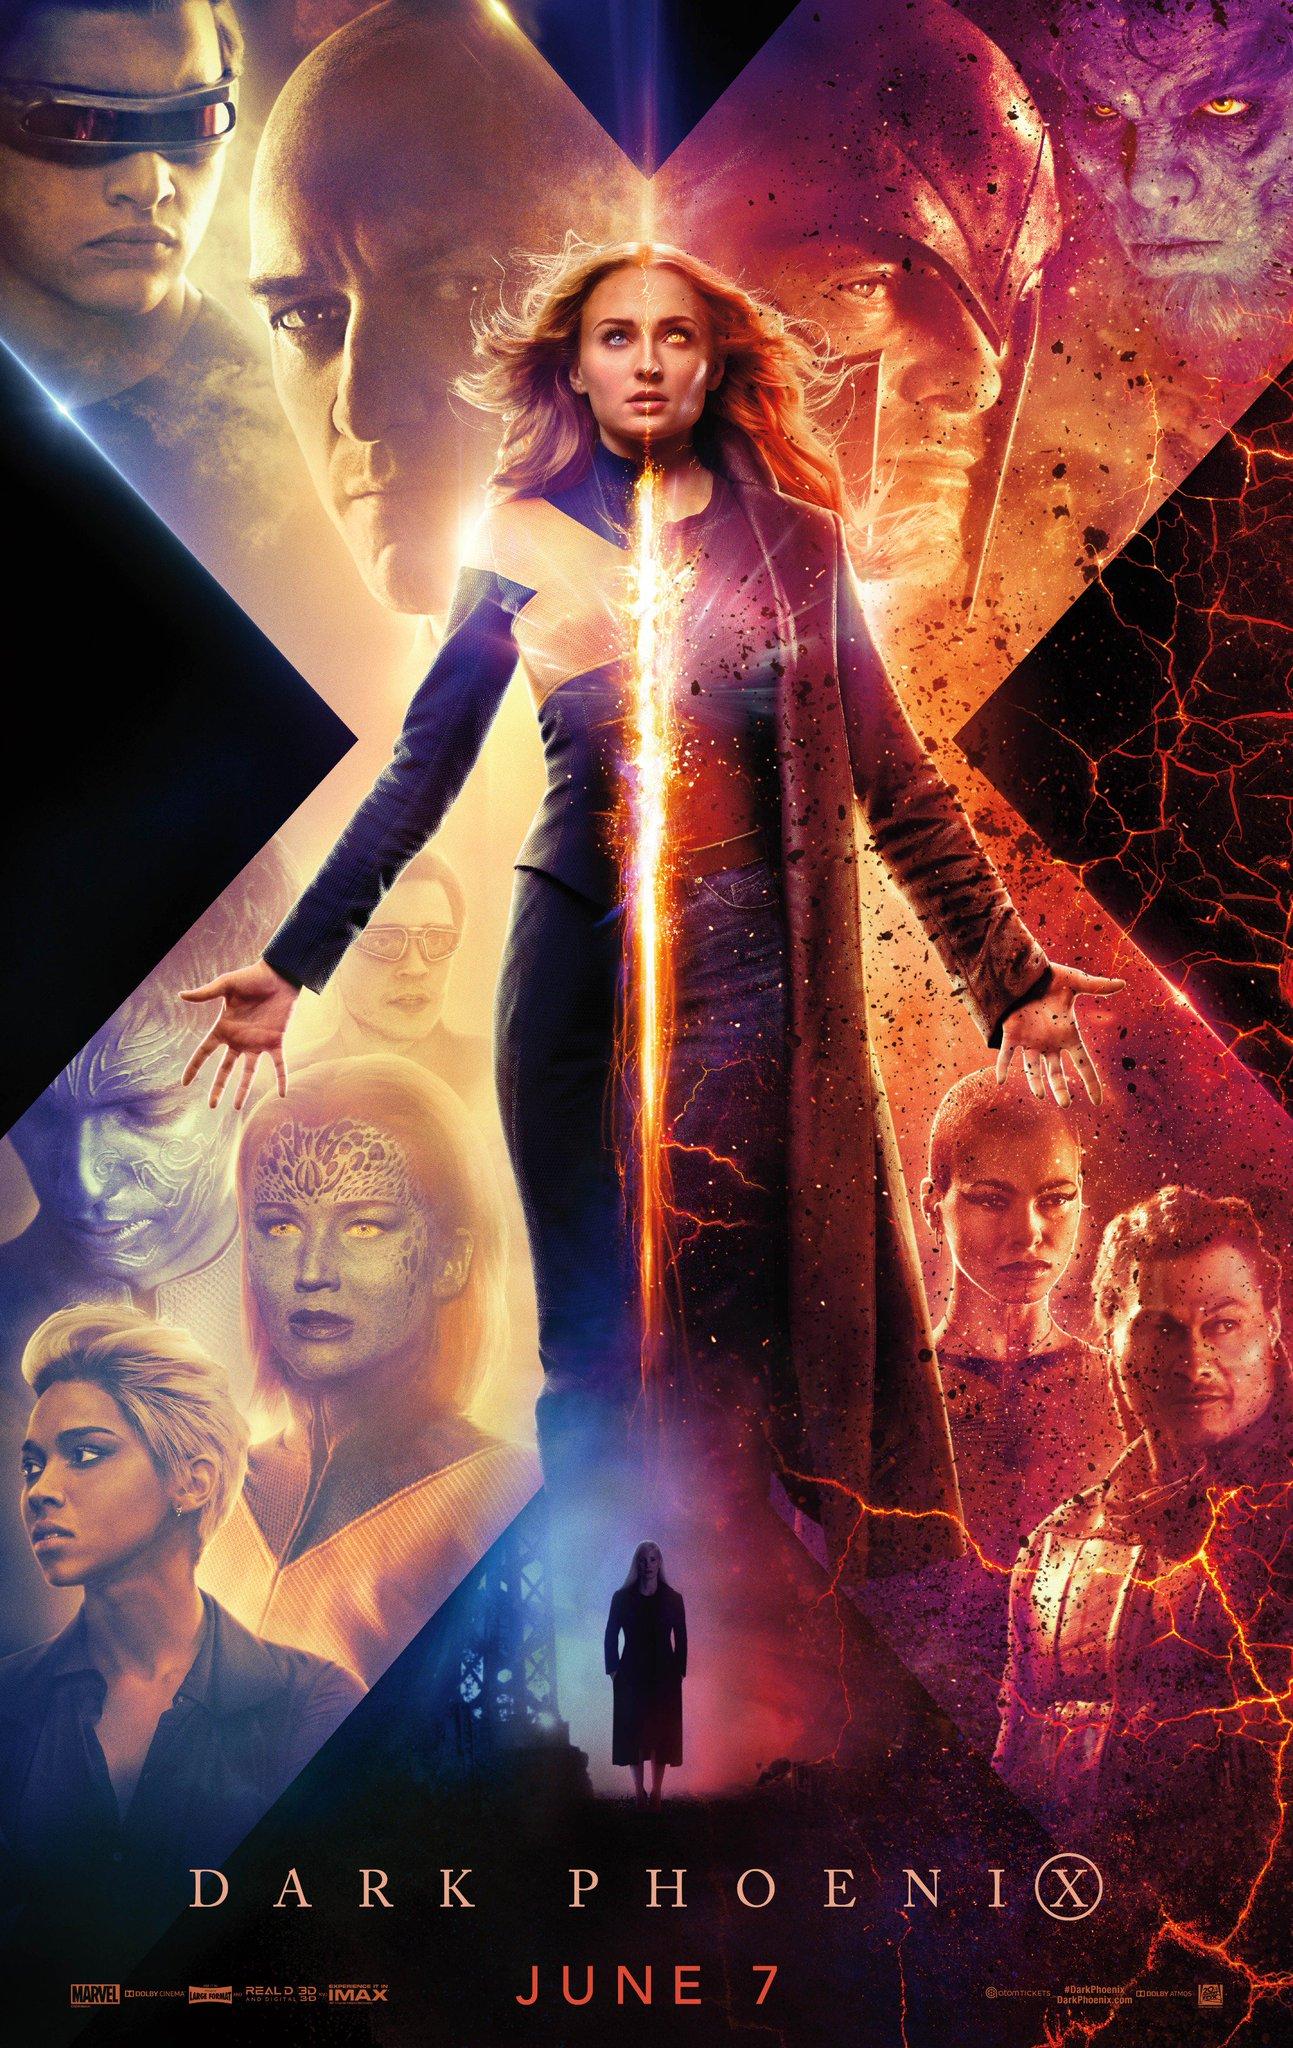 《黑凤凰》将成为《X战警》系列的大结局